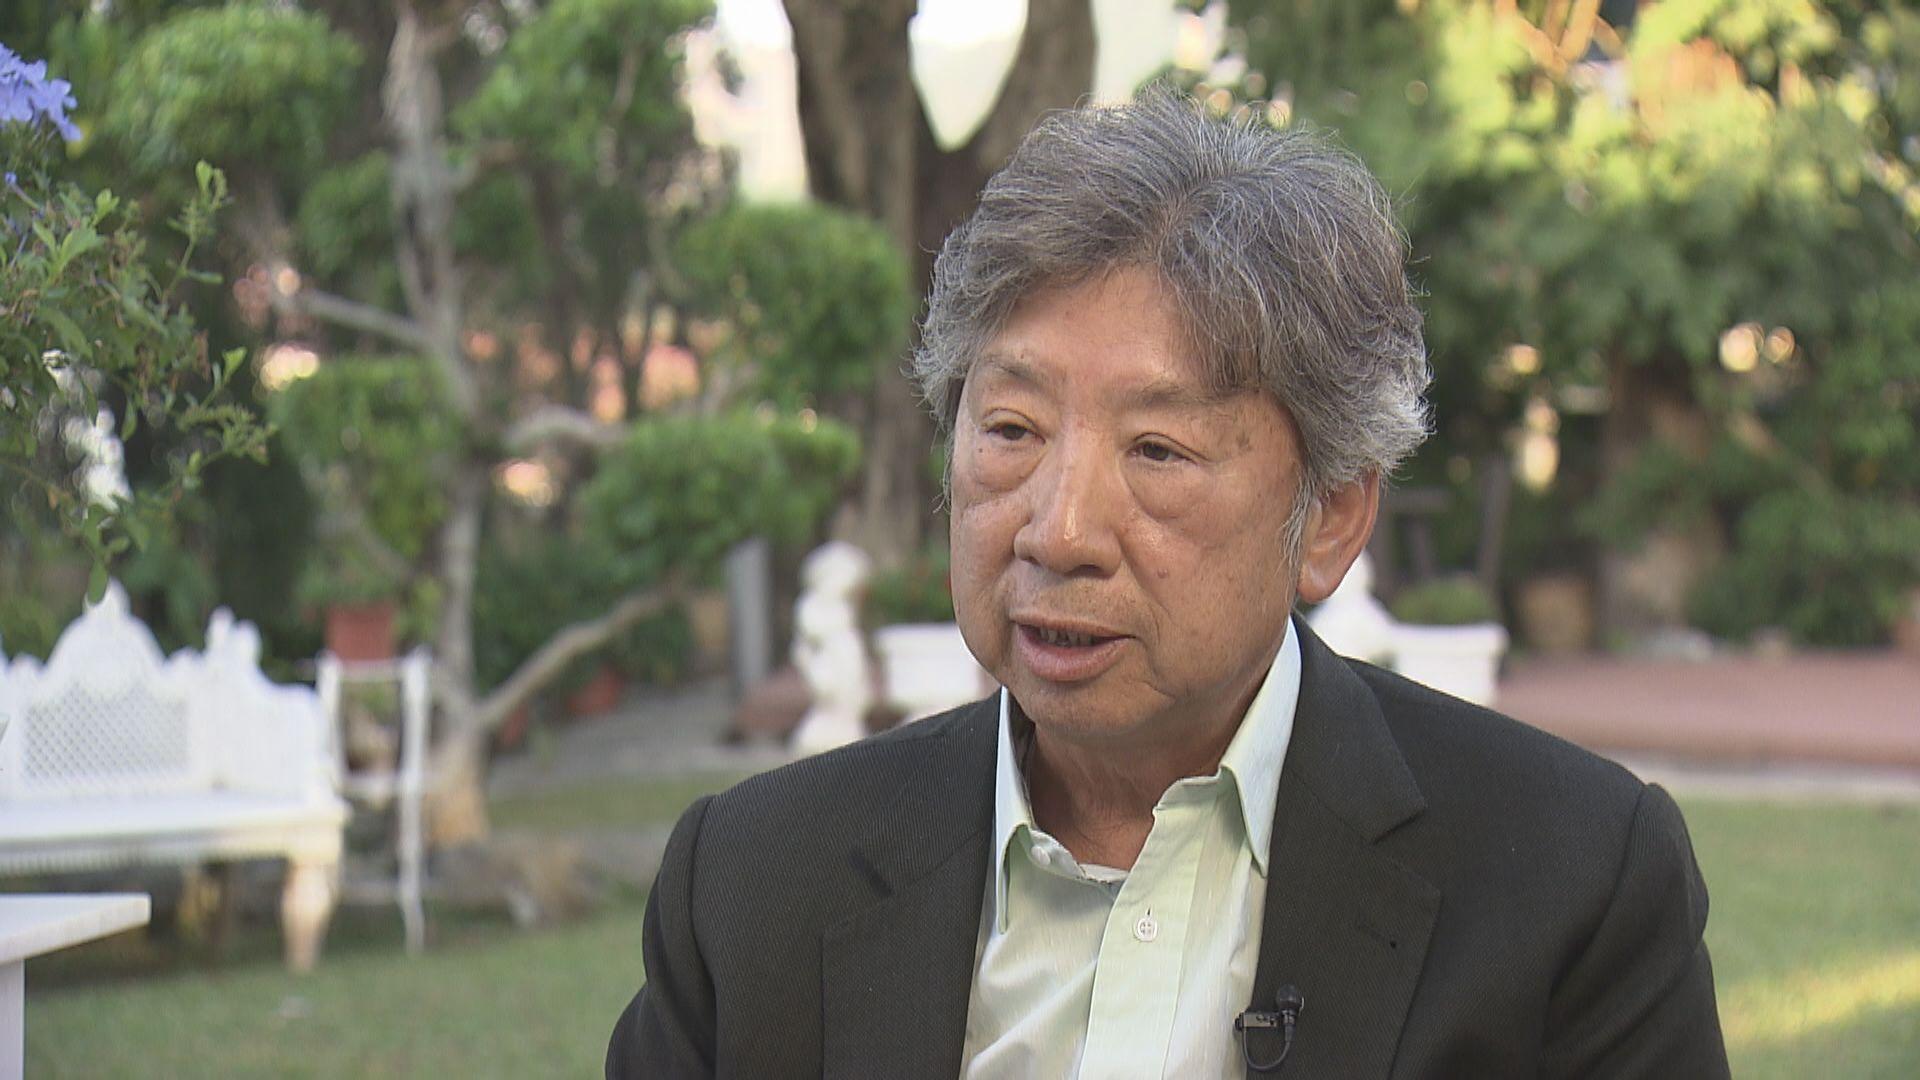 湯家驊:初選未必符合顛覆國家政權罪中所指「非法手段」